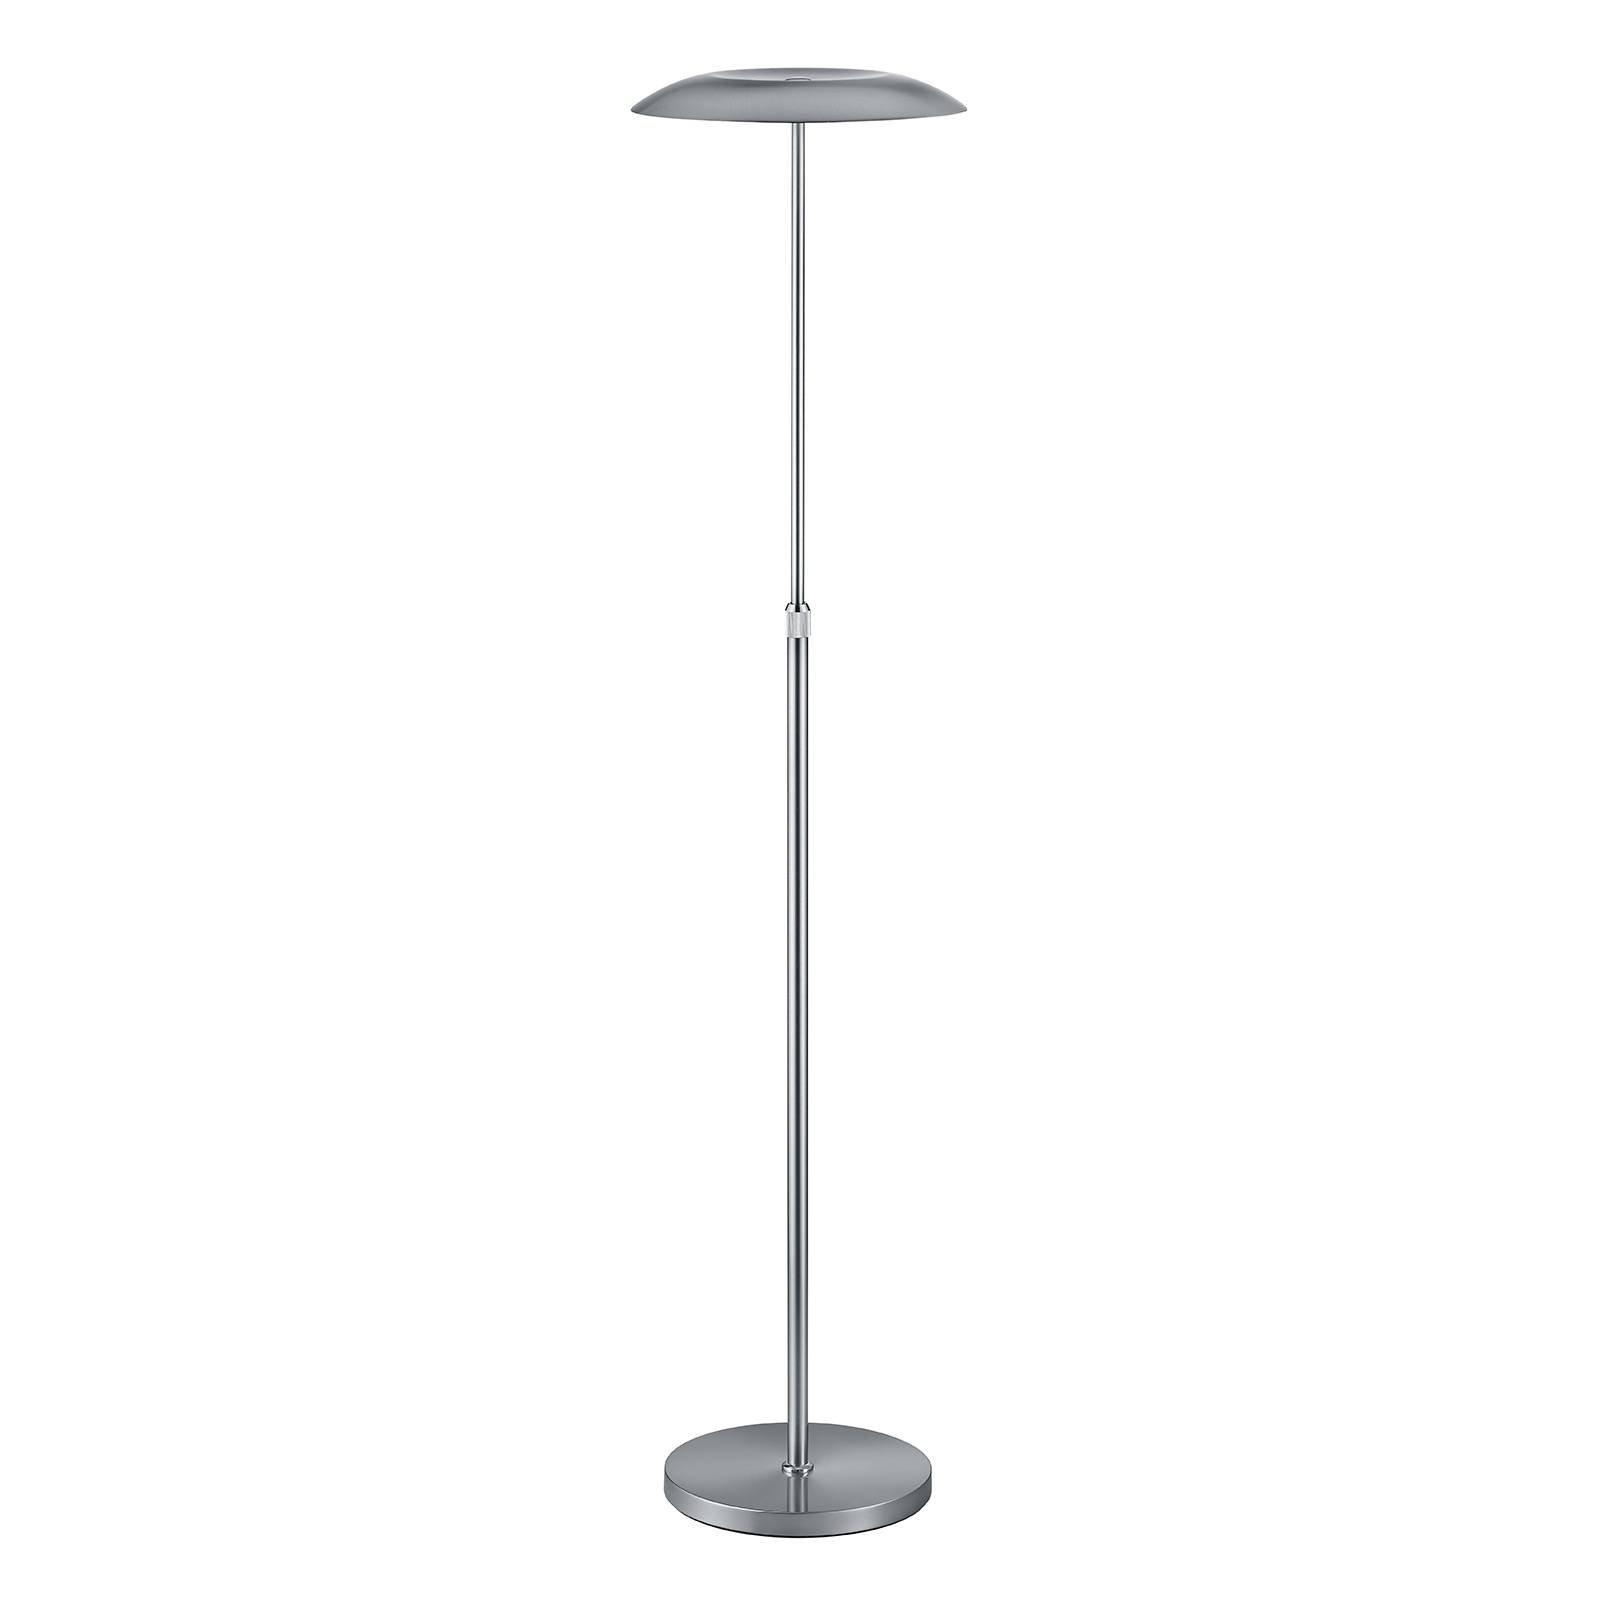 B-Leuchten Curling LED-gulvlampe nikkel matt